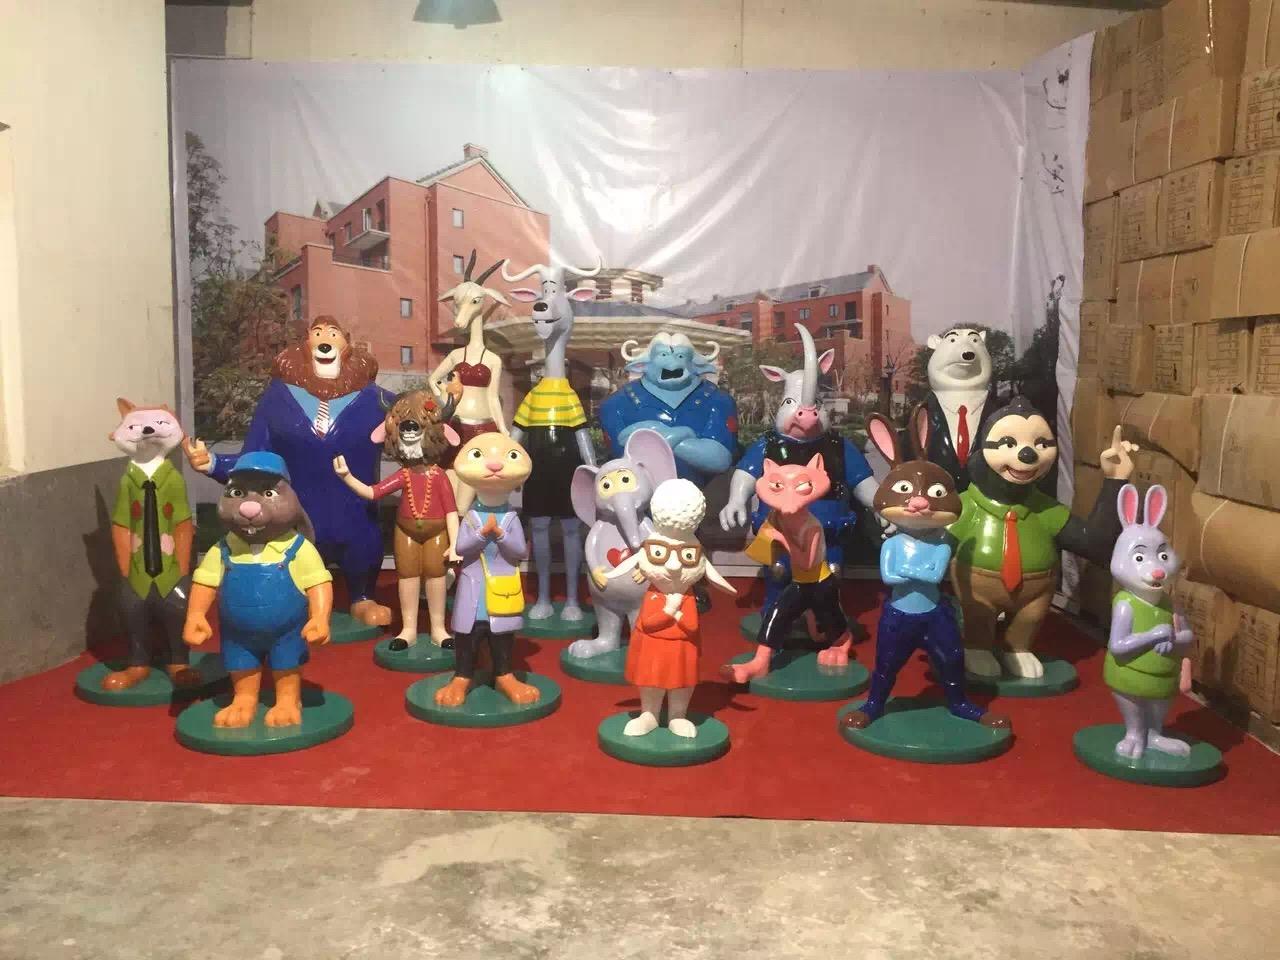 梦幻雨屋出租疯狂动物城雕塑出租出售